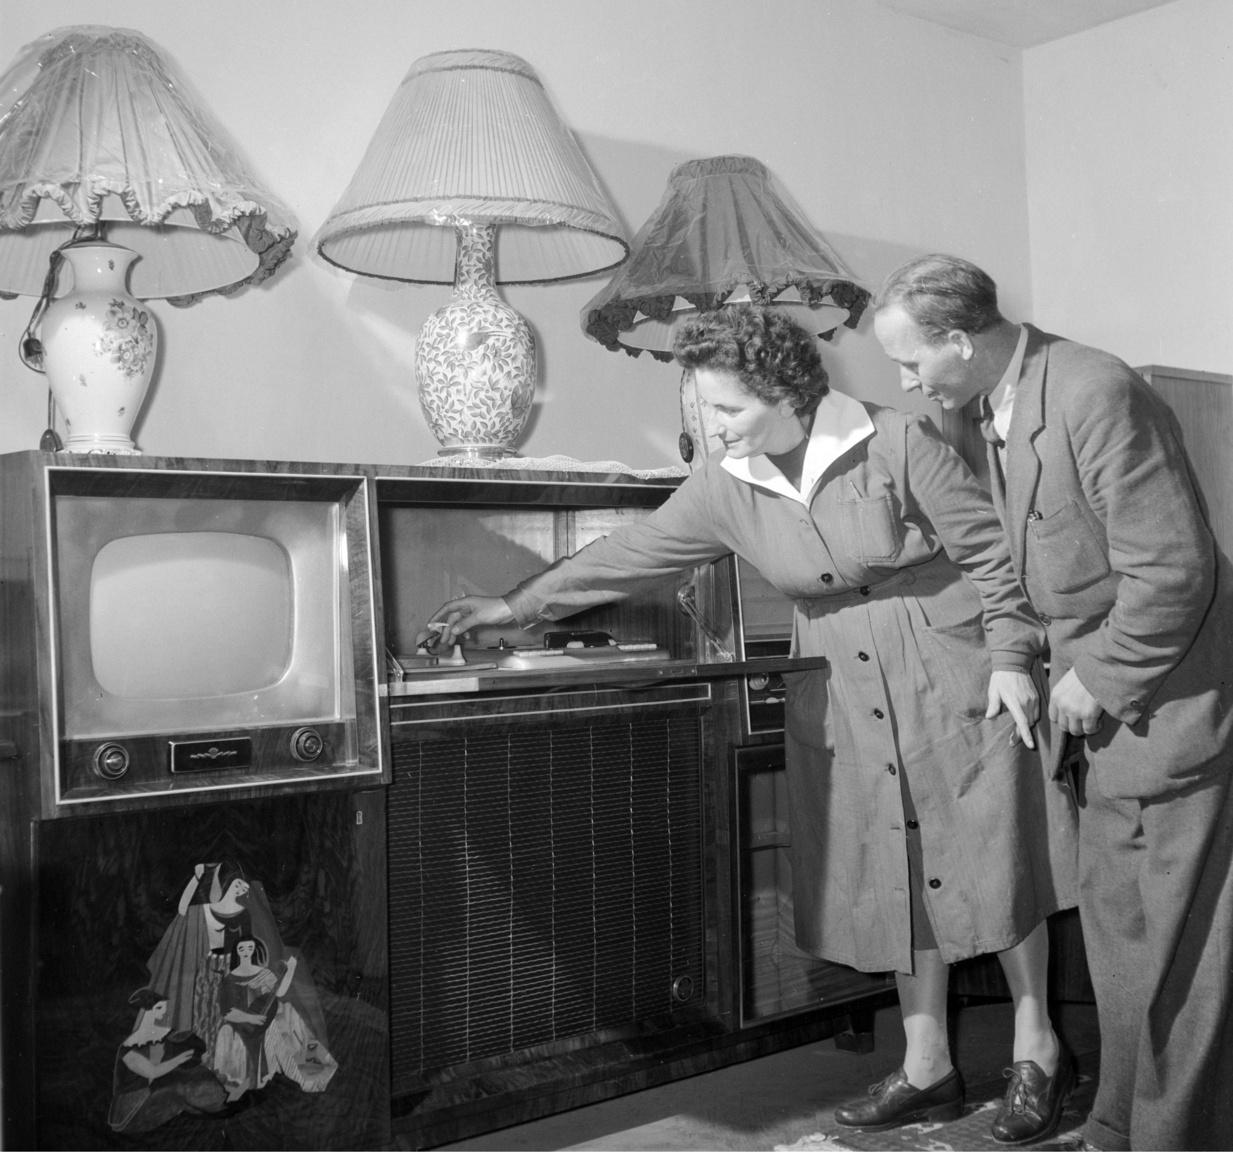 Kádár-kori luxus 1958-bólA Lottó Áruház a korabeli eleganciát a dauertől a fűzős cipőig megtestesítő eladónője mutatja a lottósorsoláson nyerhető, máskülönben egy átlagos állampolgárnak elérhetetlen tárgynyereményeket.